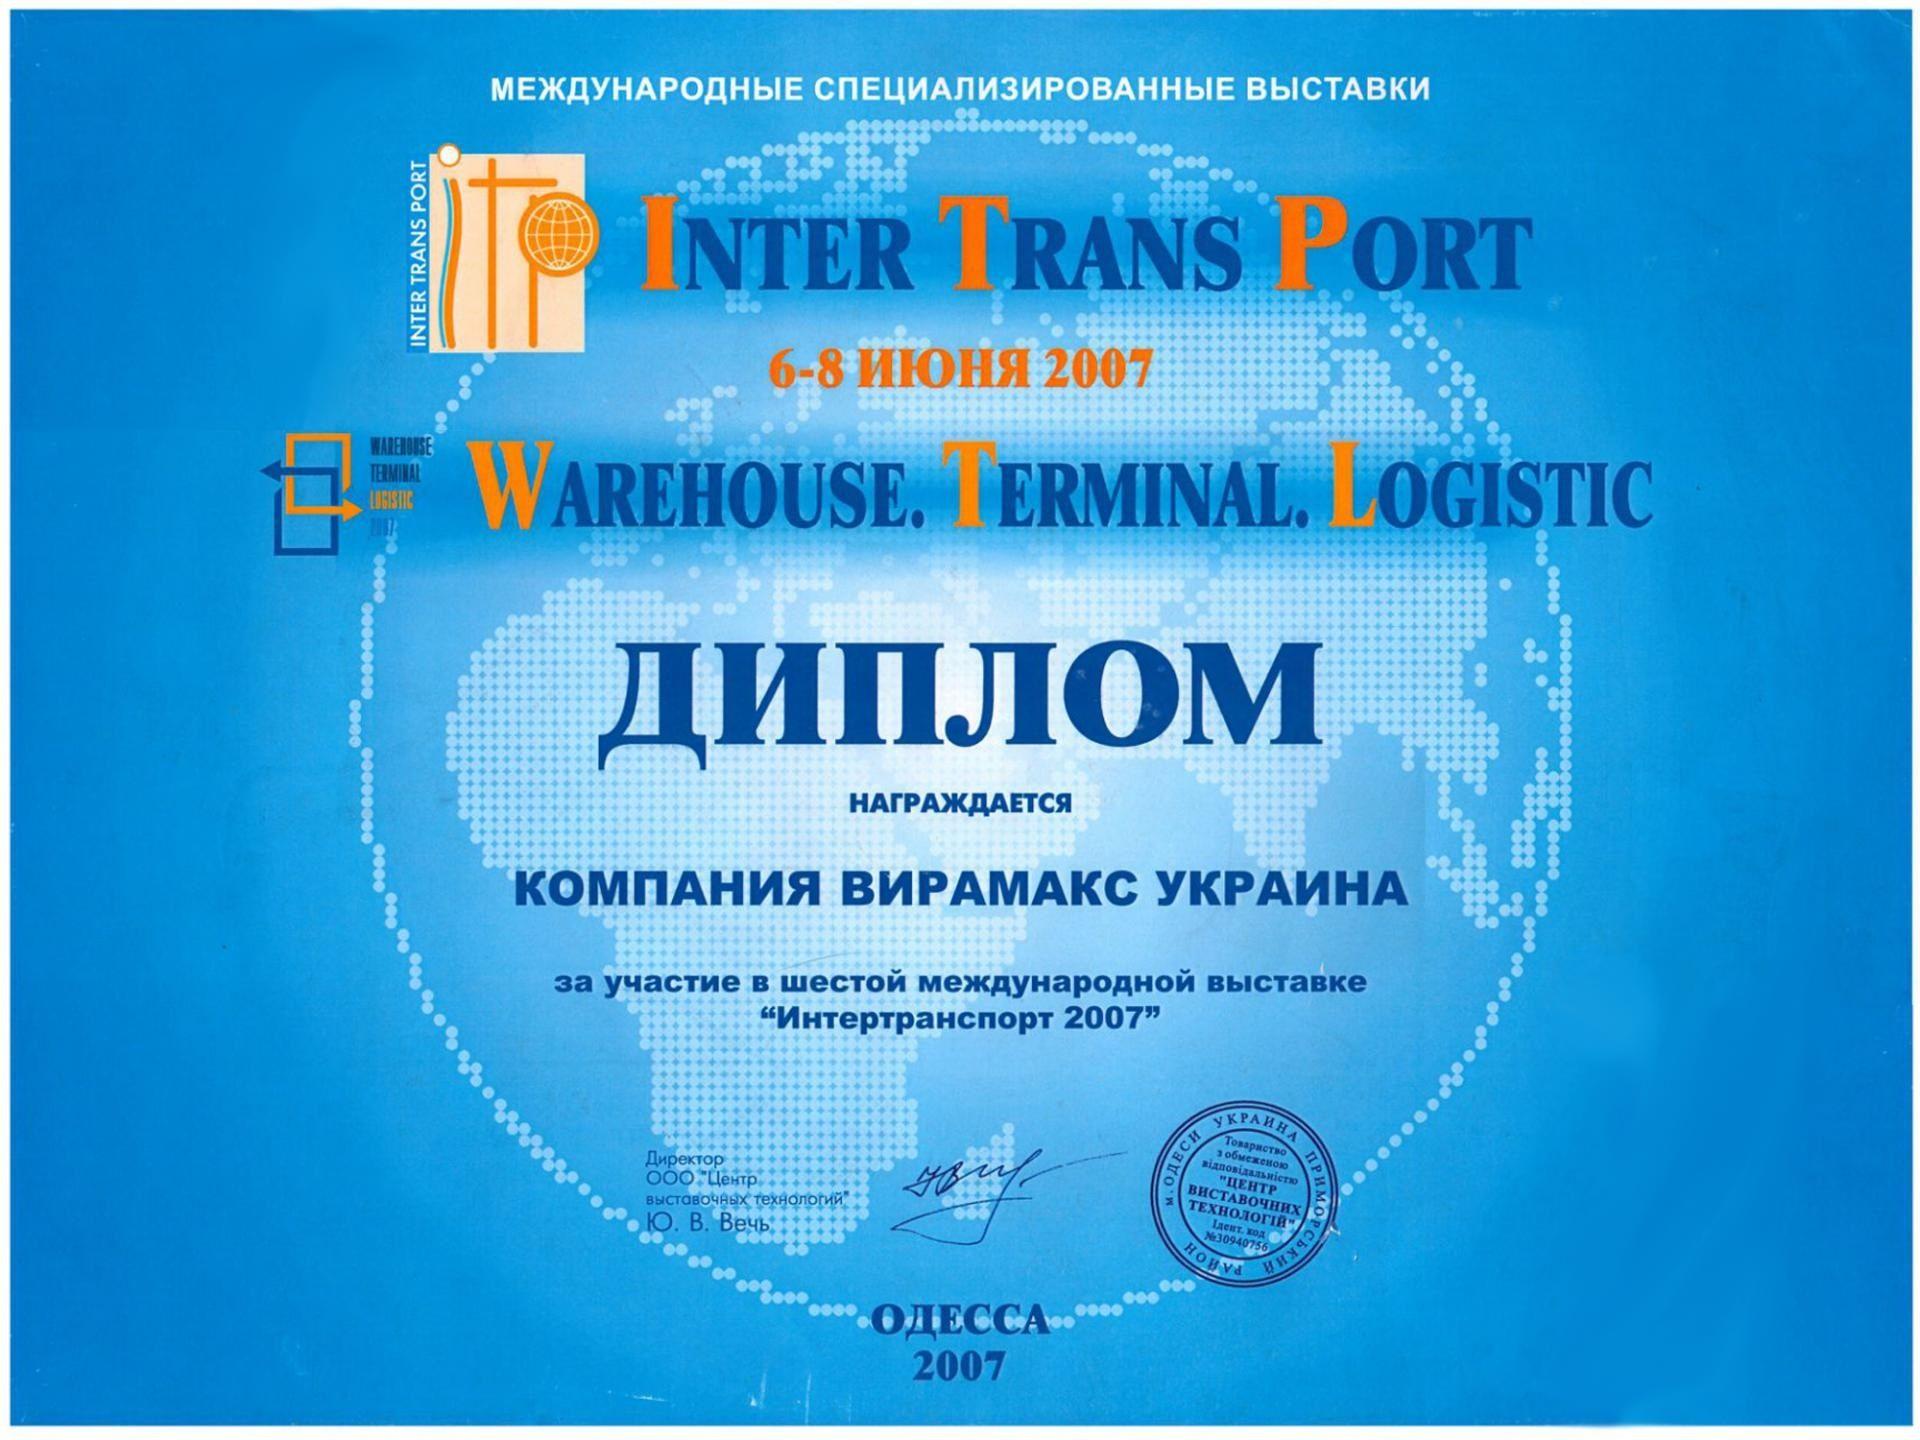 Диплом за участие в выставке Интертранспорт